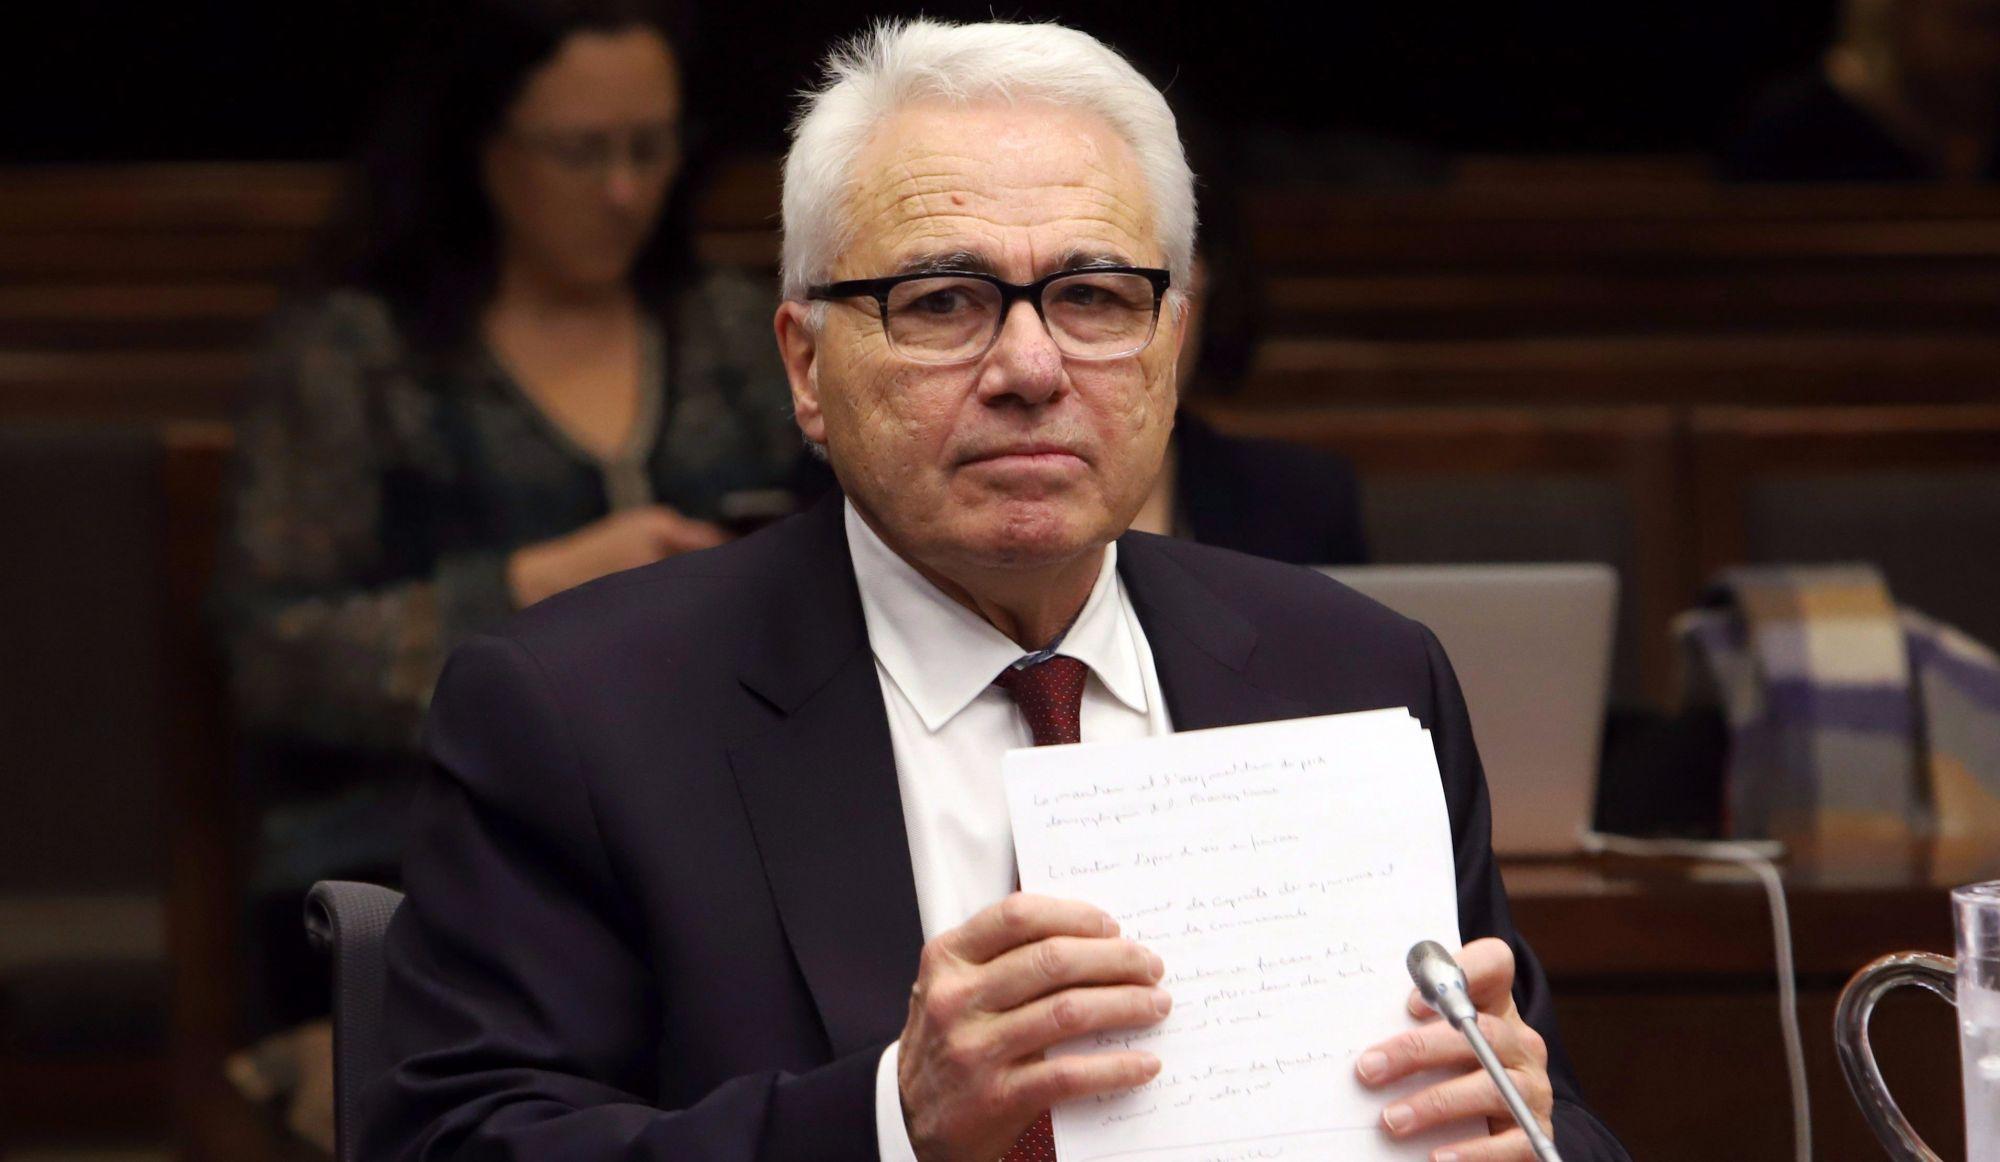 Bilinguisme des juges: Raymond Théberge appelé à clarifier sa position